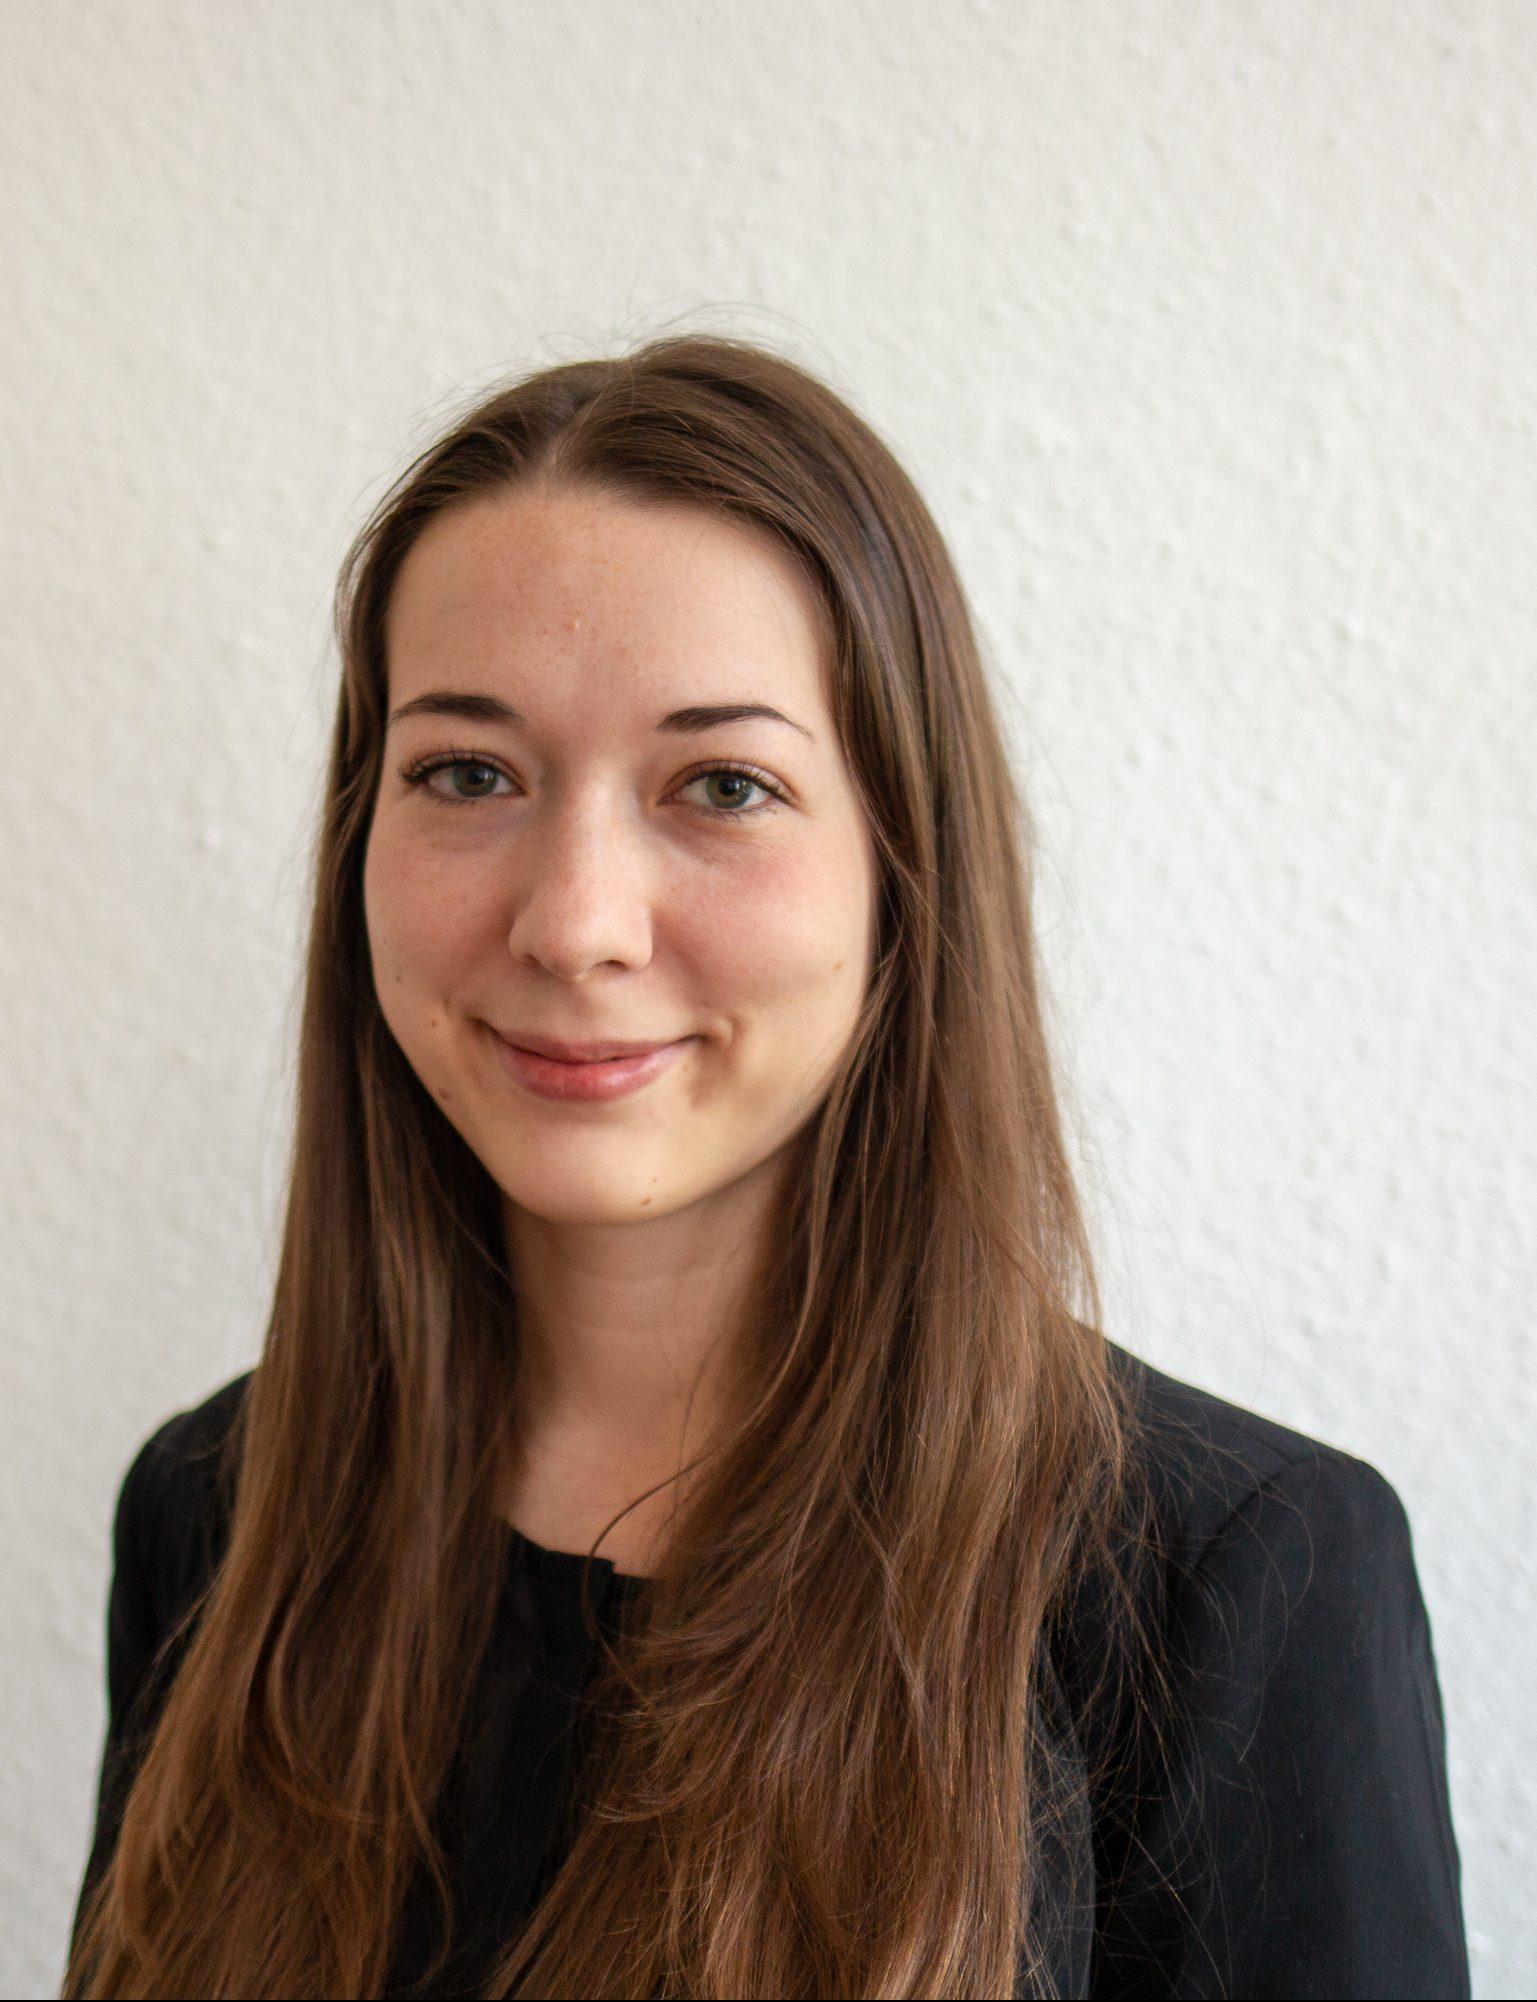 Lisa Marie Brunner